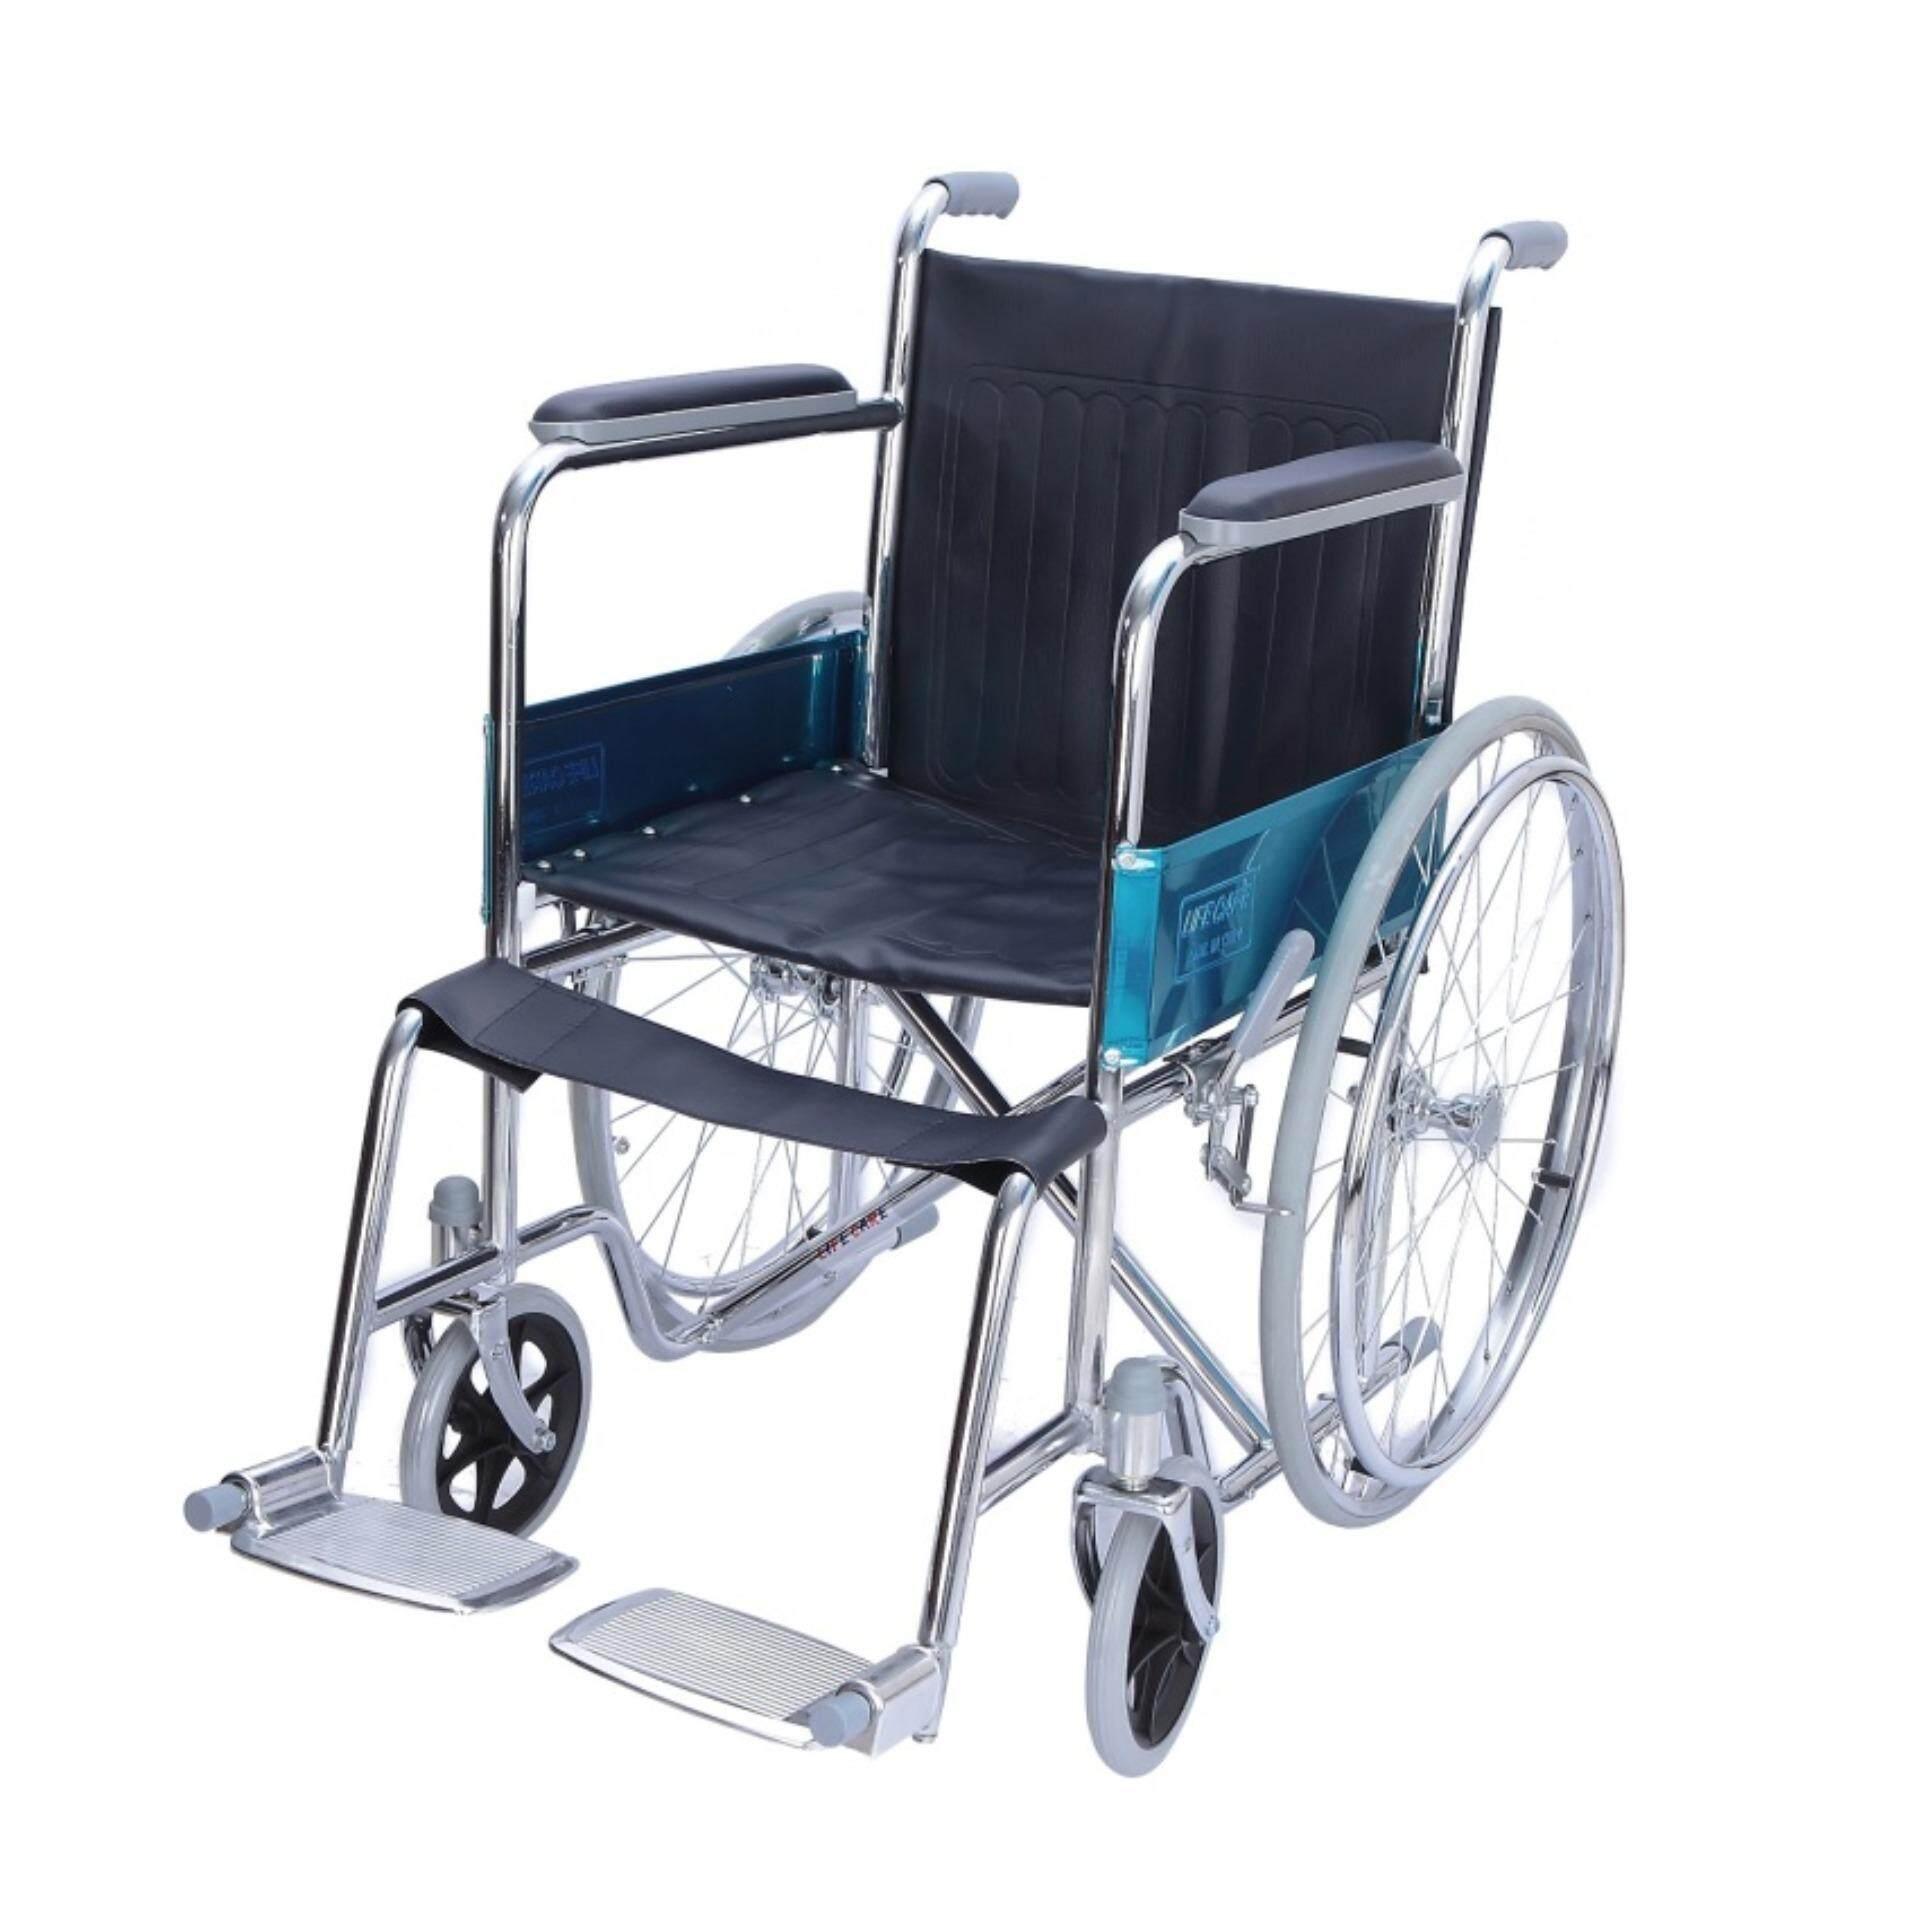 ขายดีมาก! AOLIKE  Wheelchair วีลแชร์ รถเข็นผู้ป่วย พับได้ โครงเหล็กชุบโครเมี่ยม รุ่น ALK809-46